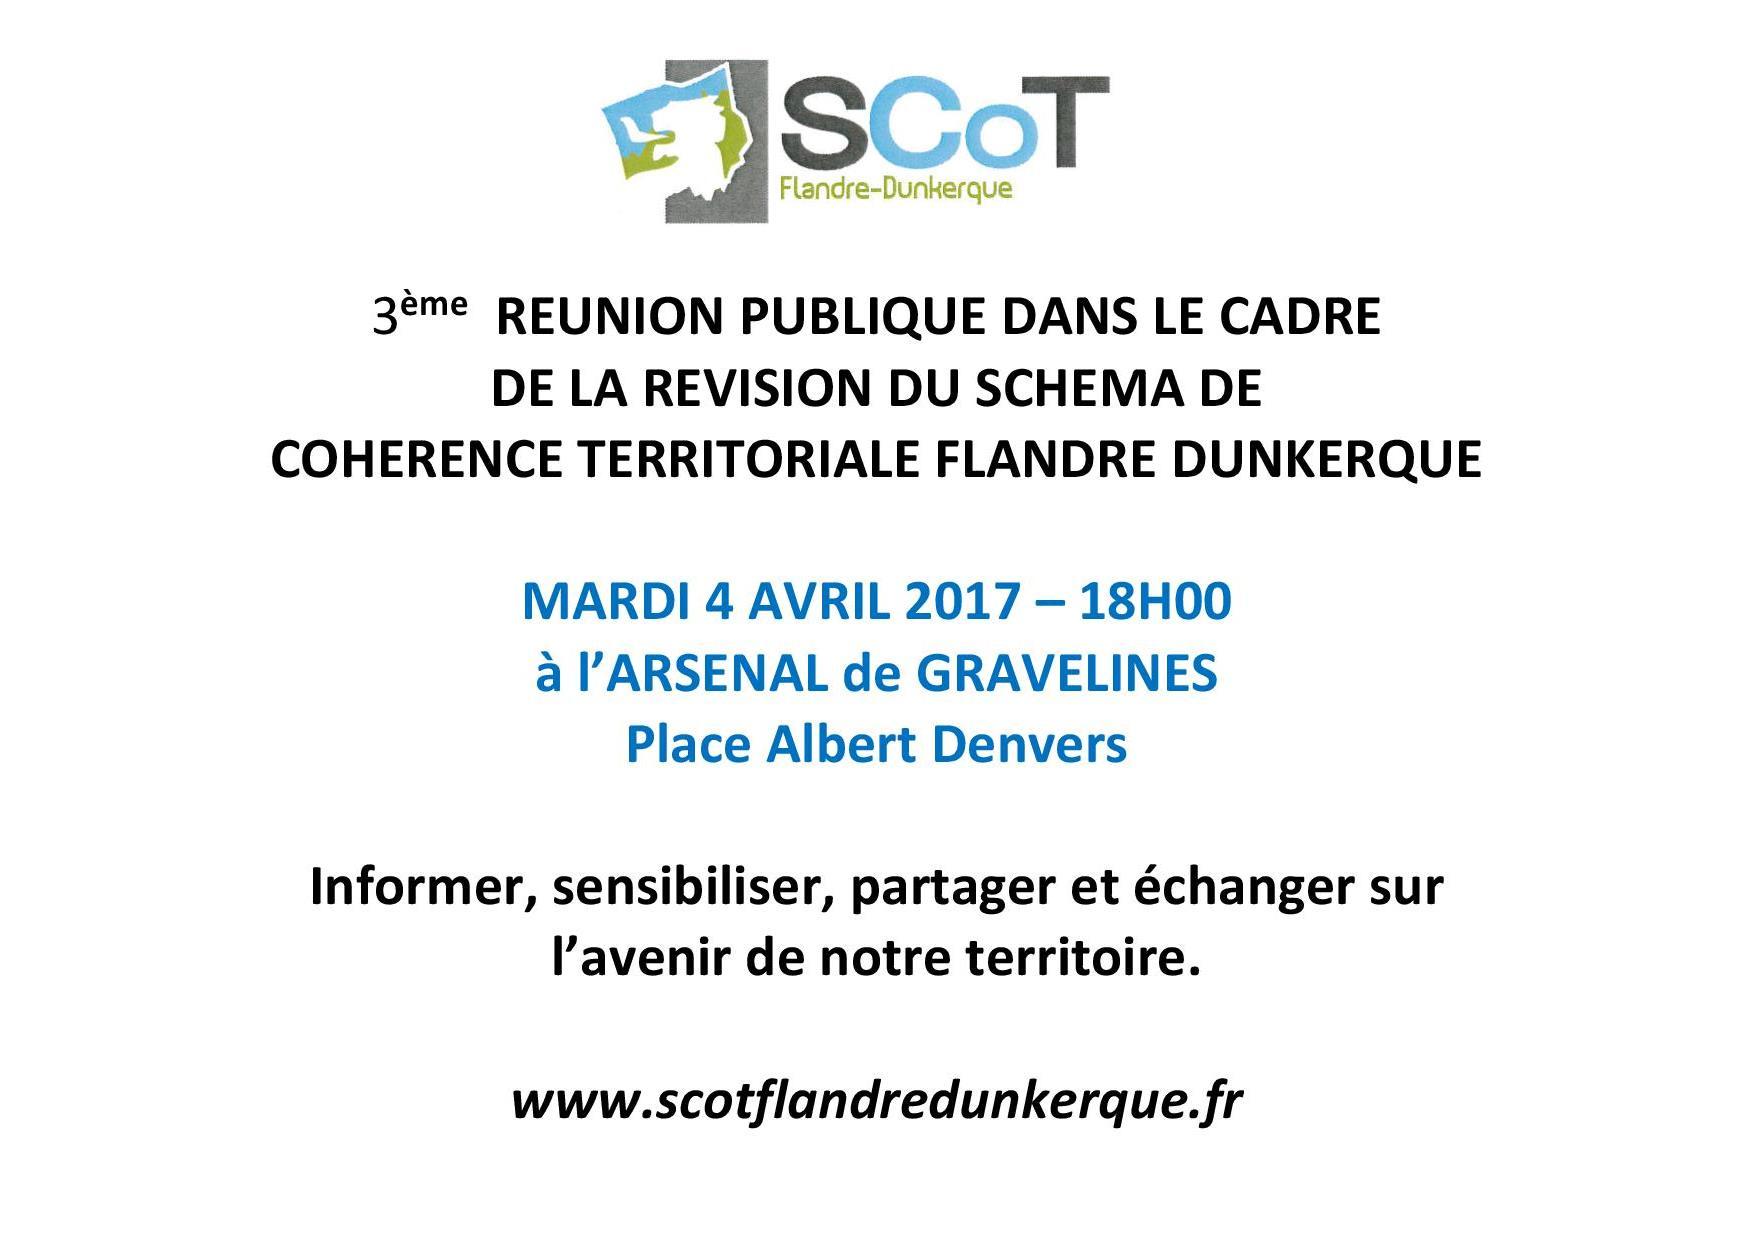 RÉUNION PUBLIQUE: RÉVISION DU SCOT FLANDRE-DUNKERQUE